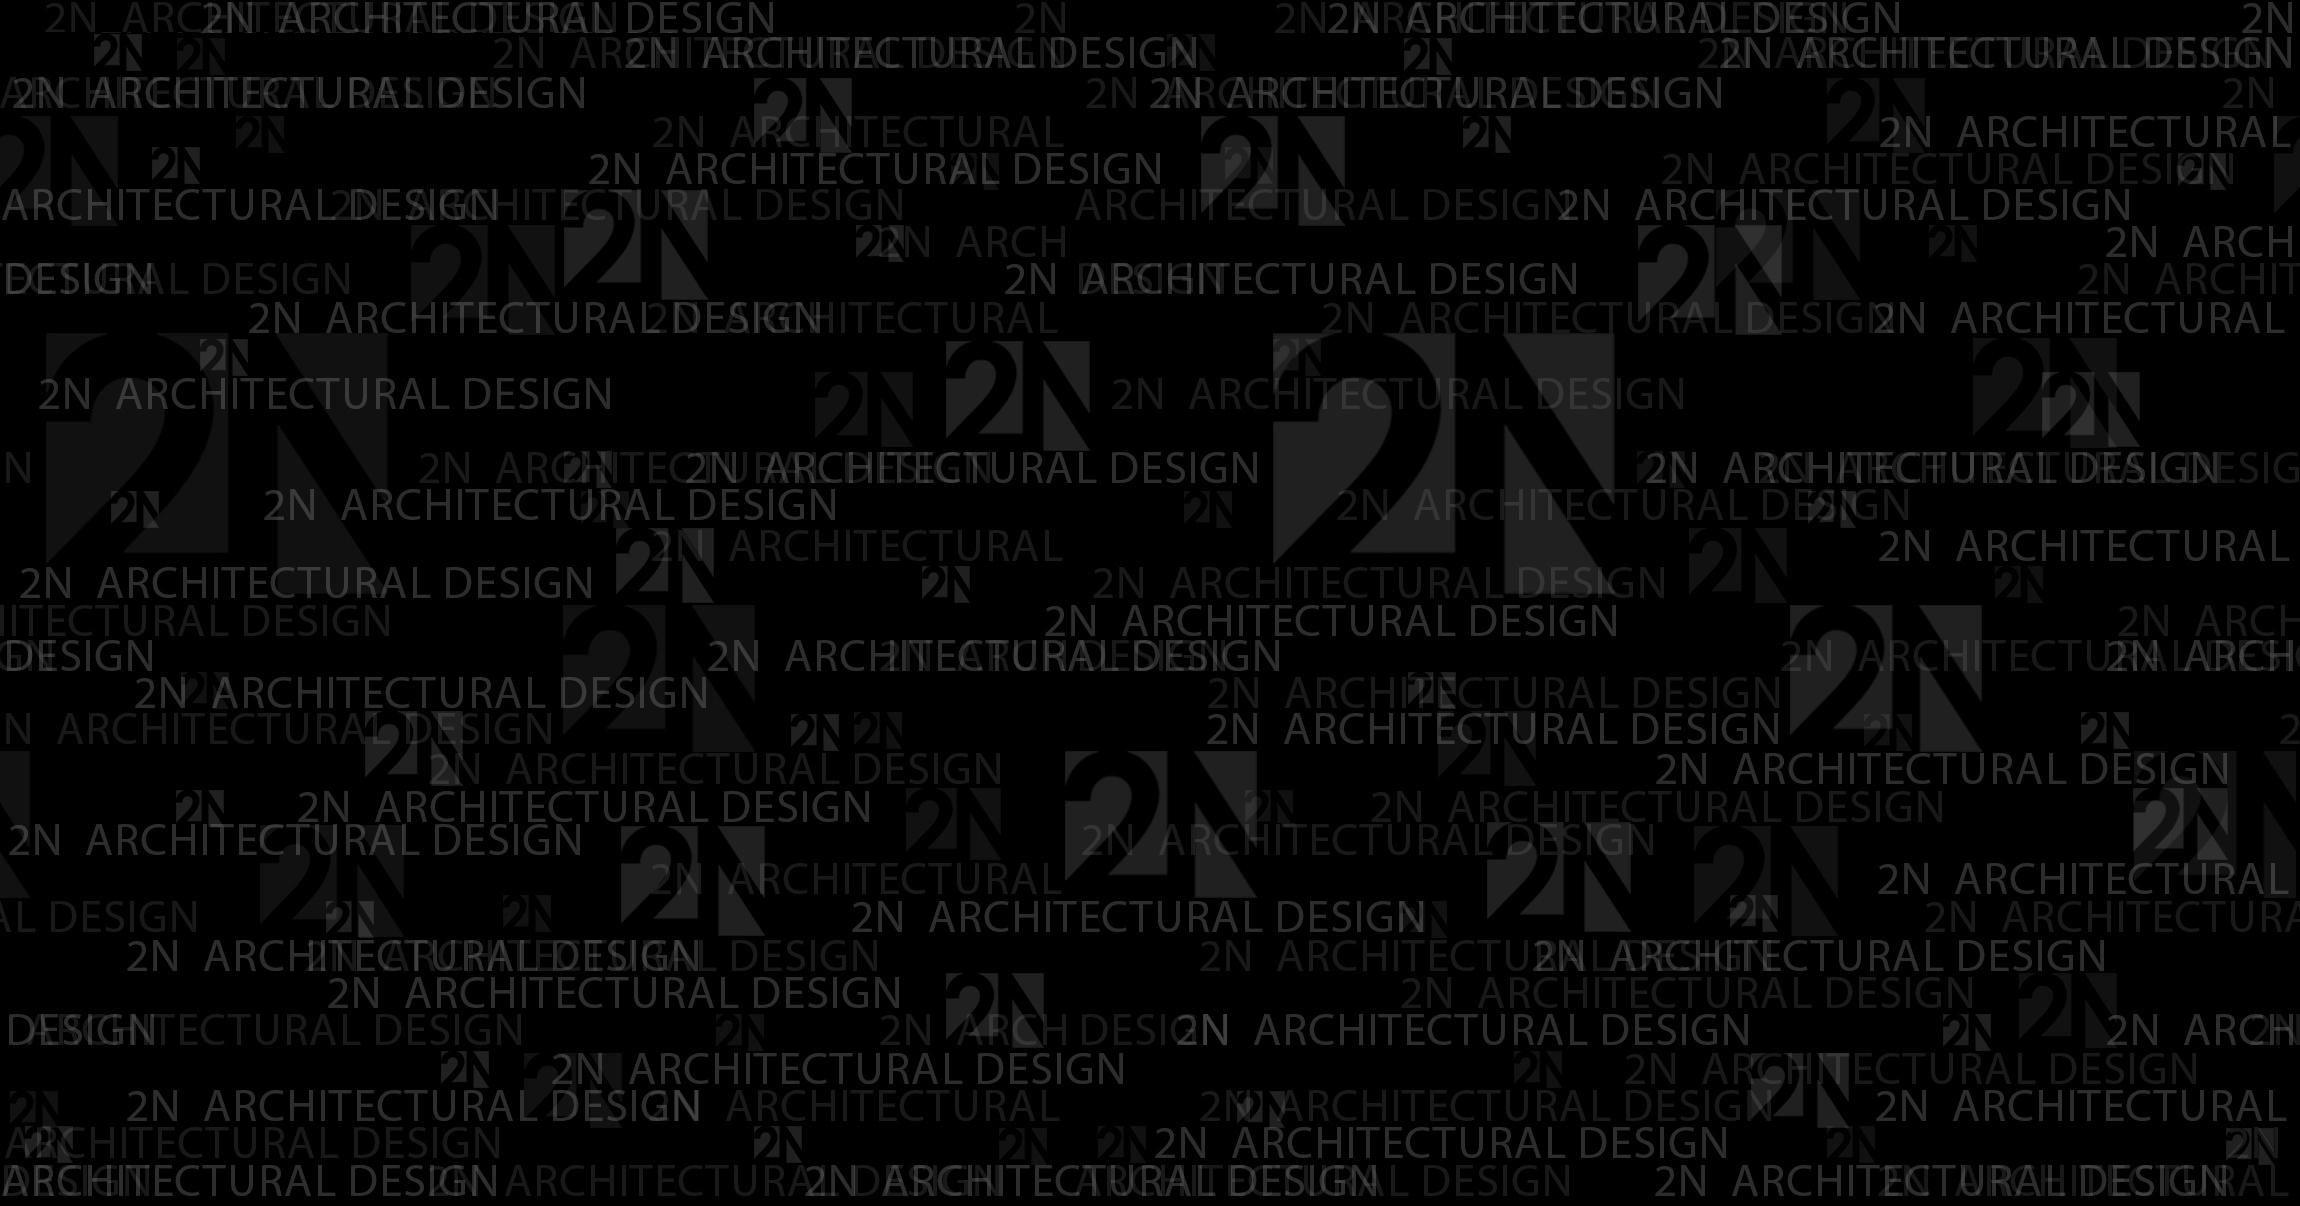 2N Architectural Design